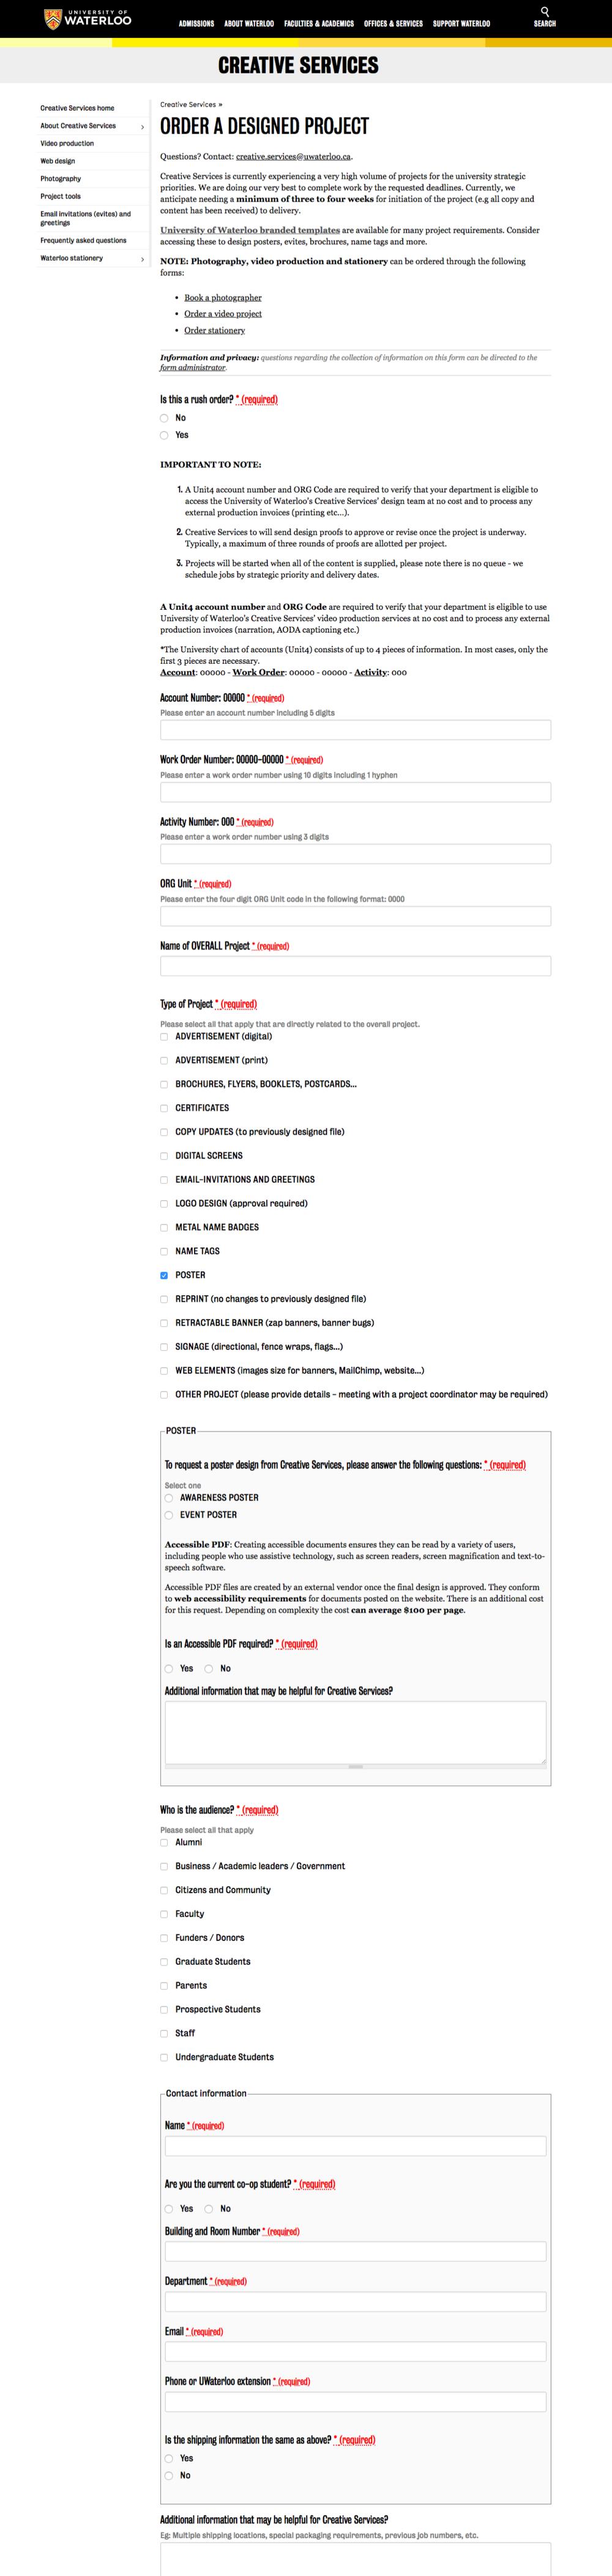 Order a Designed Project Webform